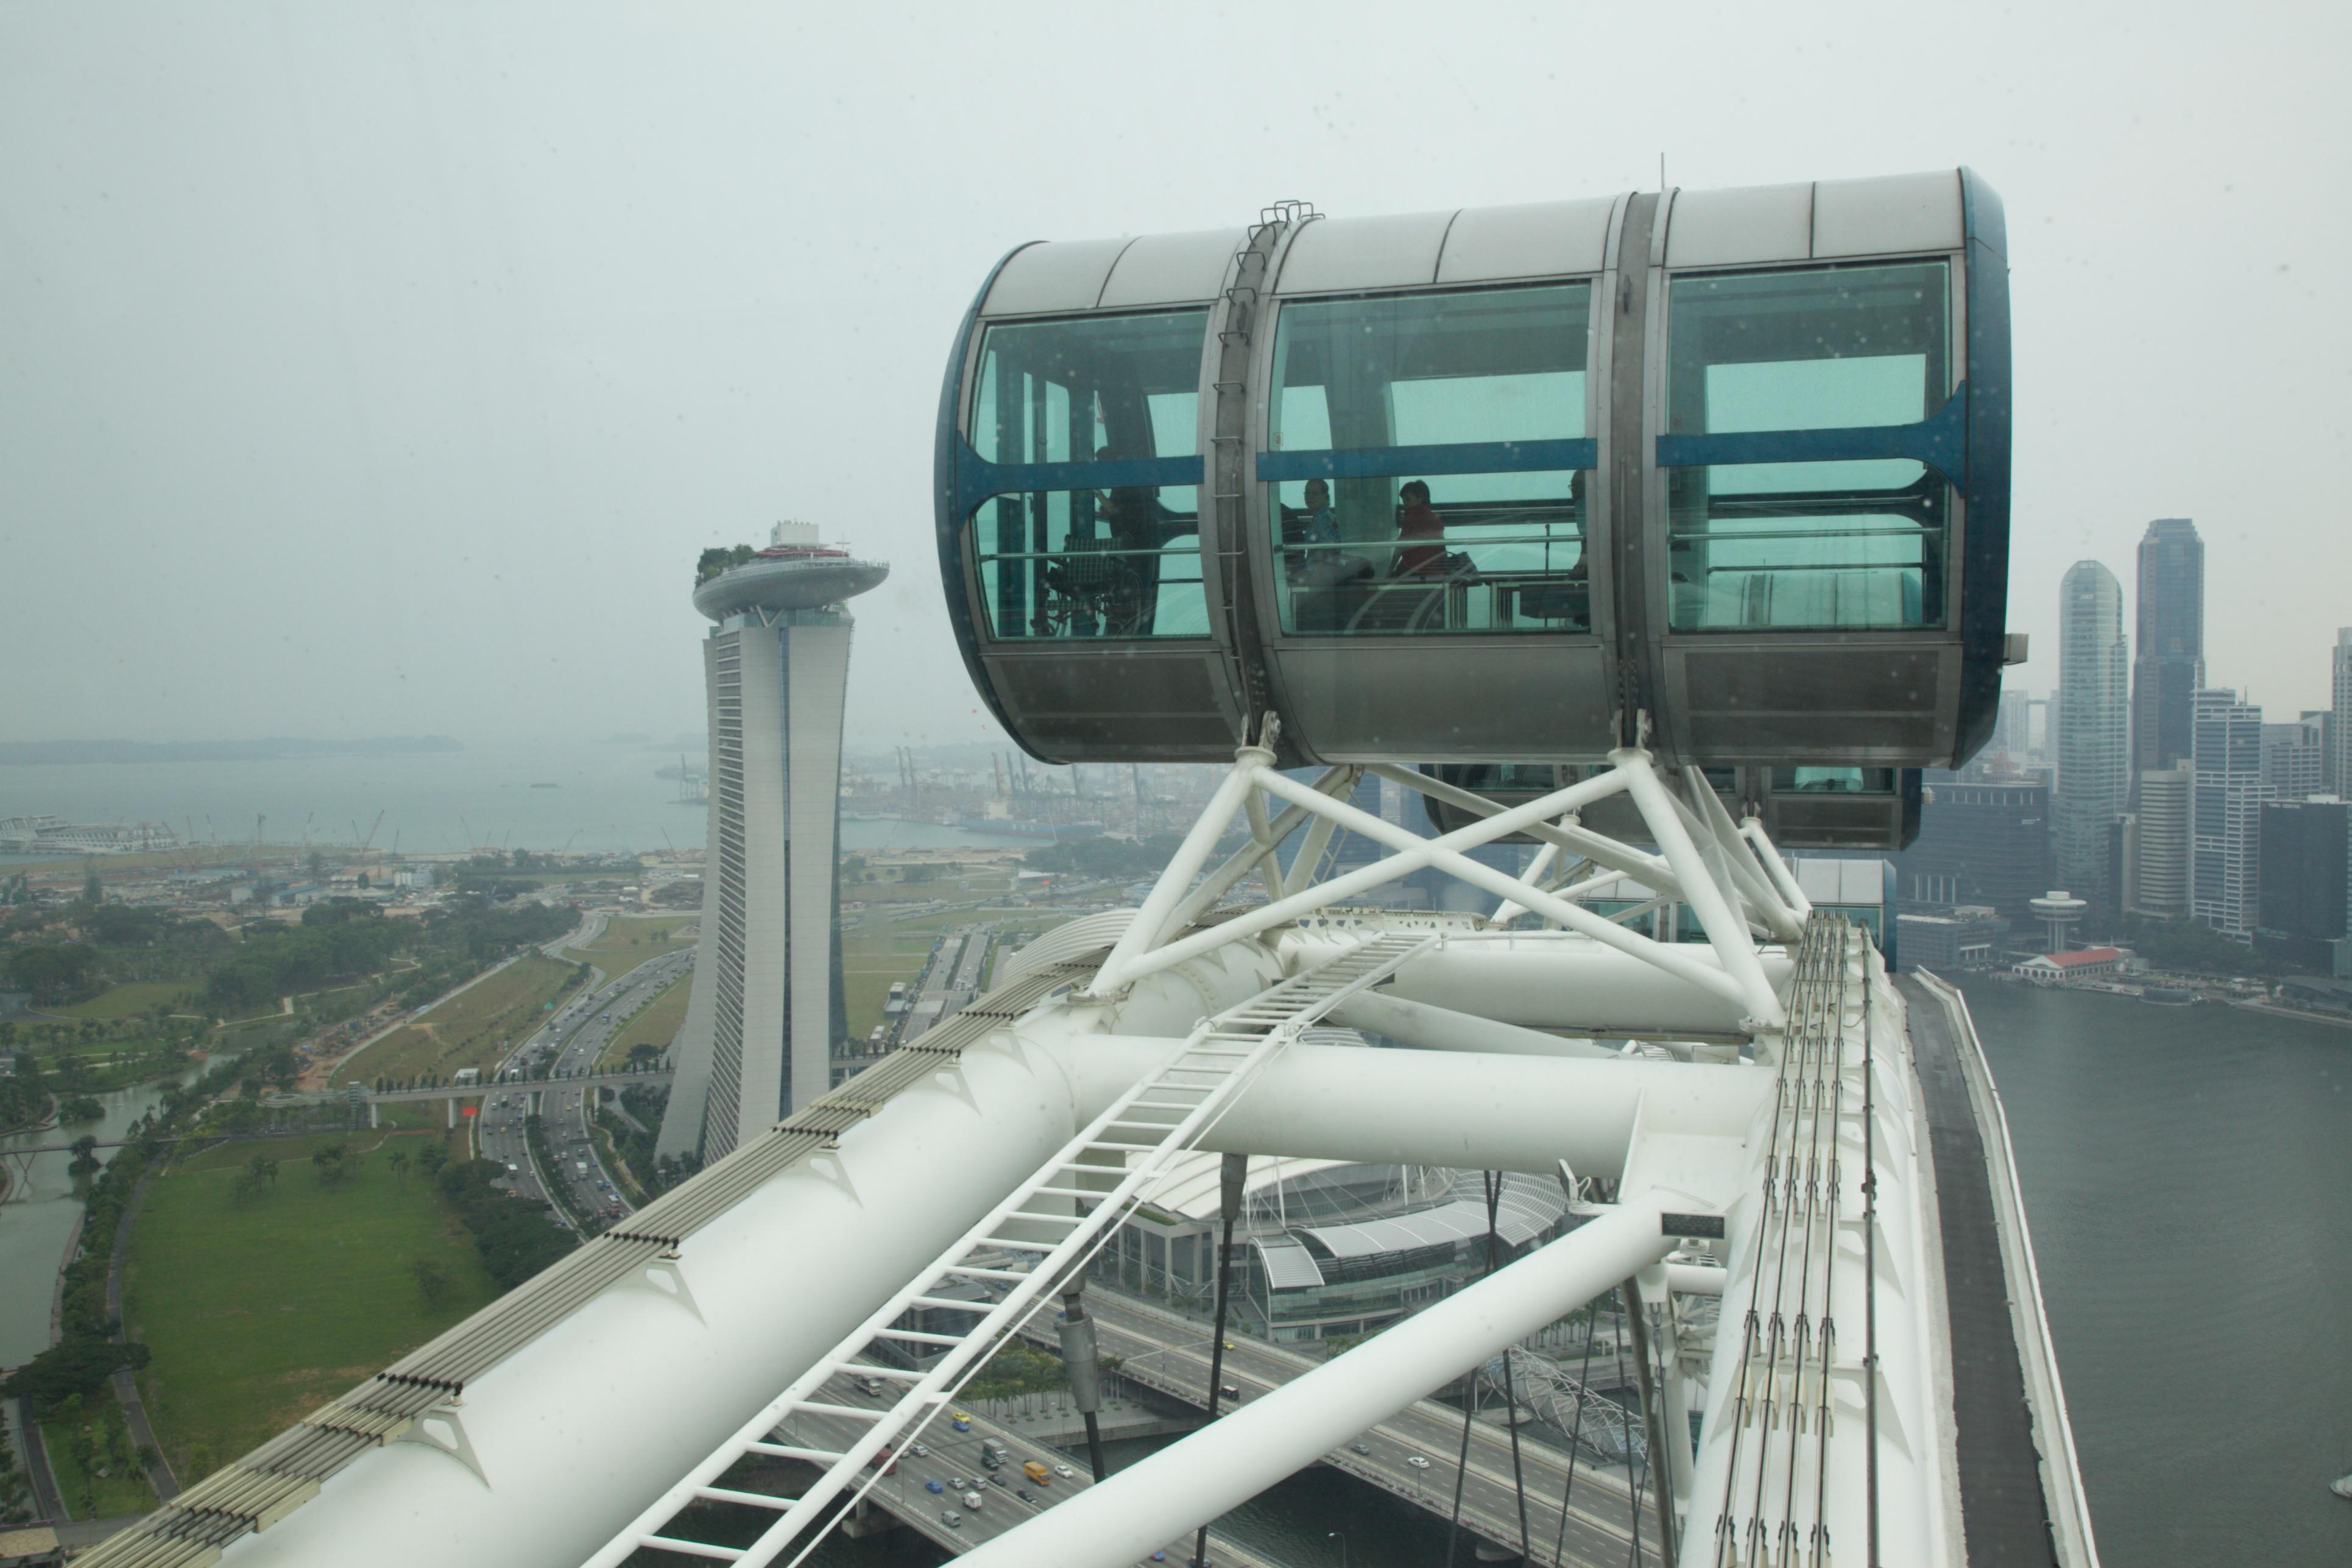 Cabin rộng rãi thoải mái phục vụ các du khách ngắm nhìn Singapore từ trên cao